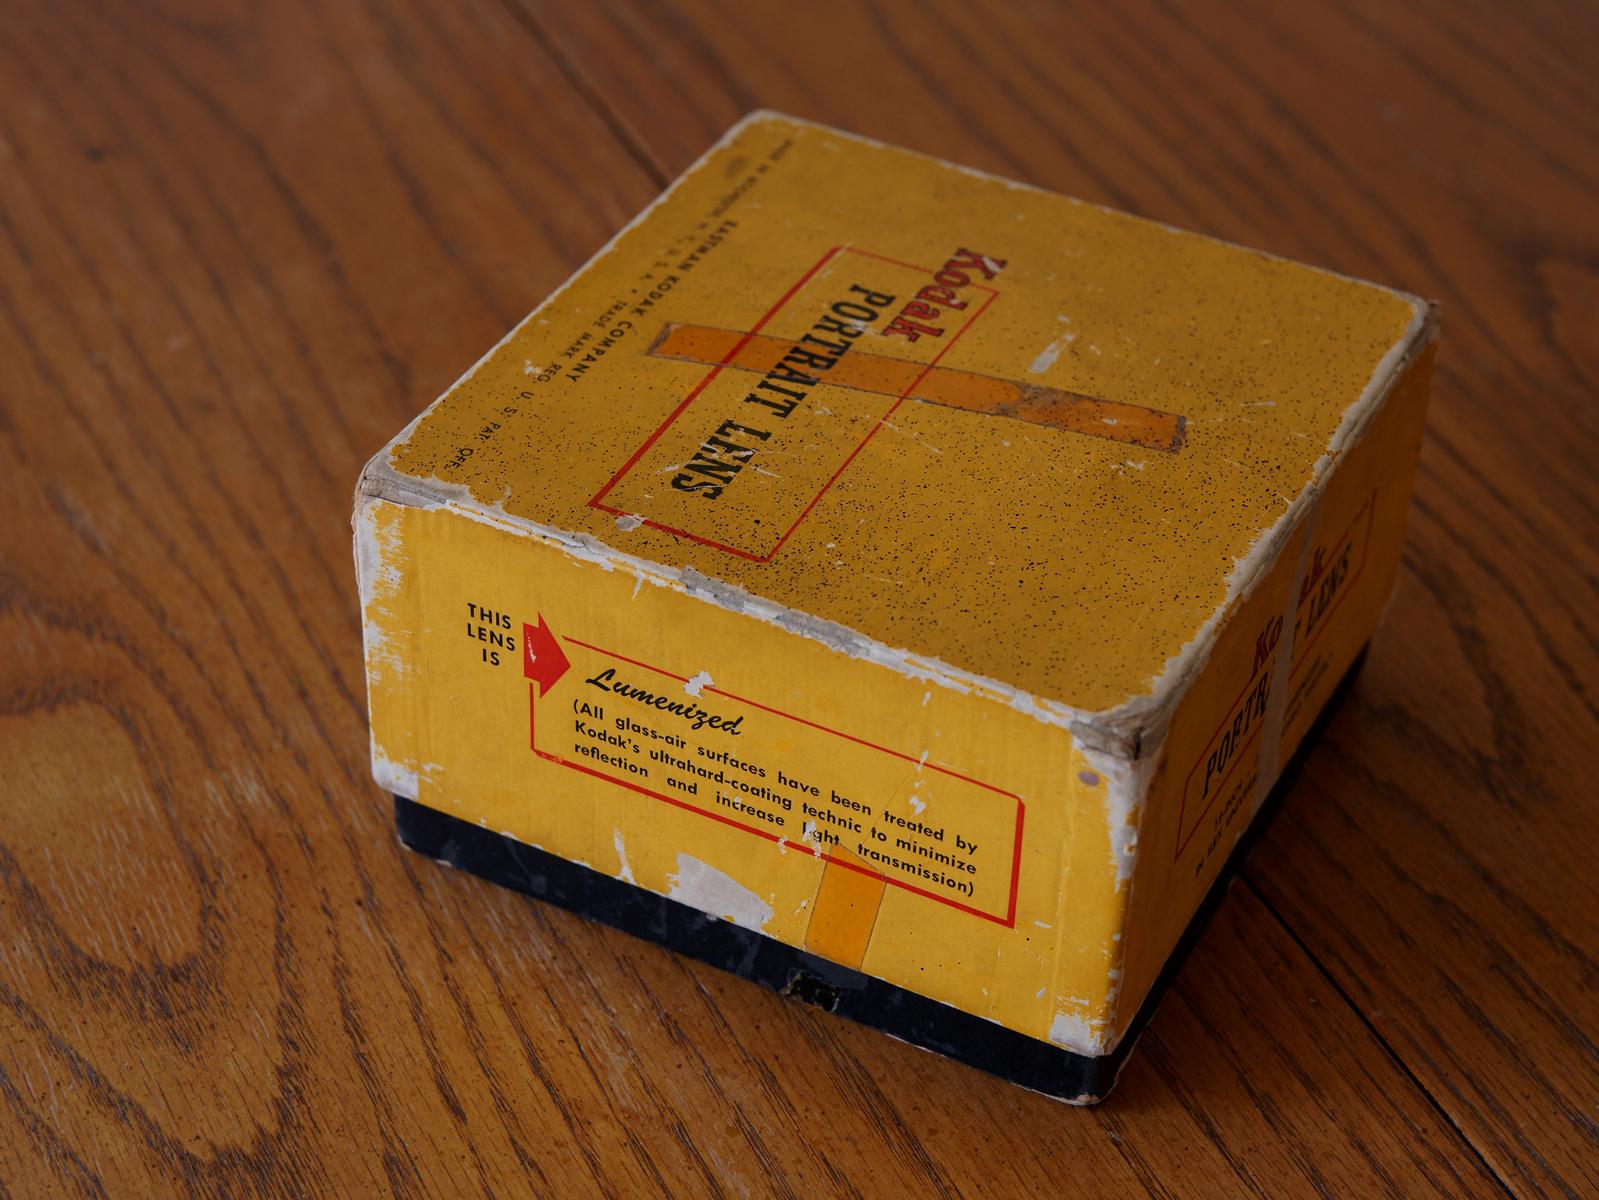 Kodak Portrait Box by Tex in Tex